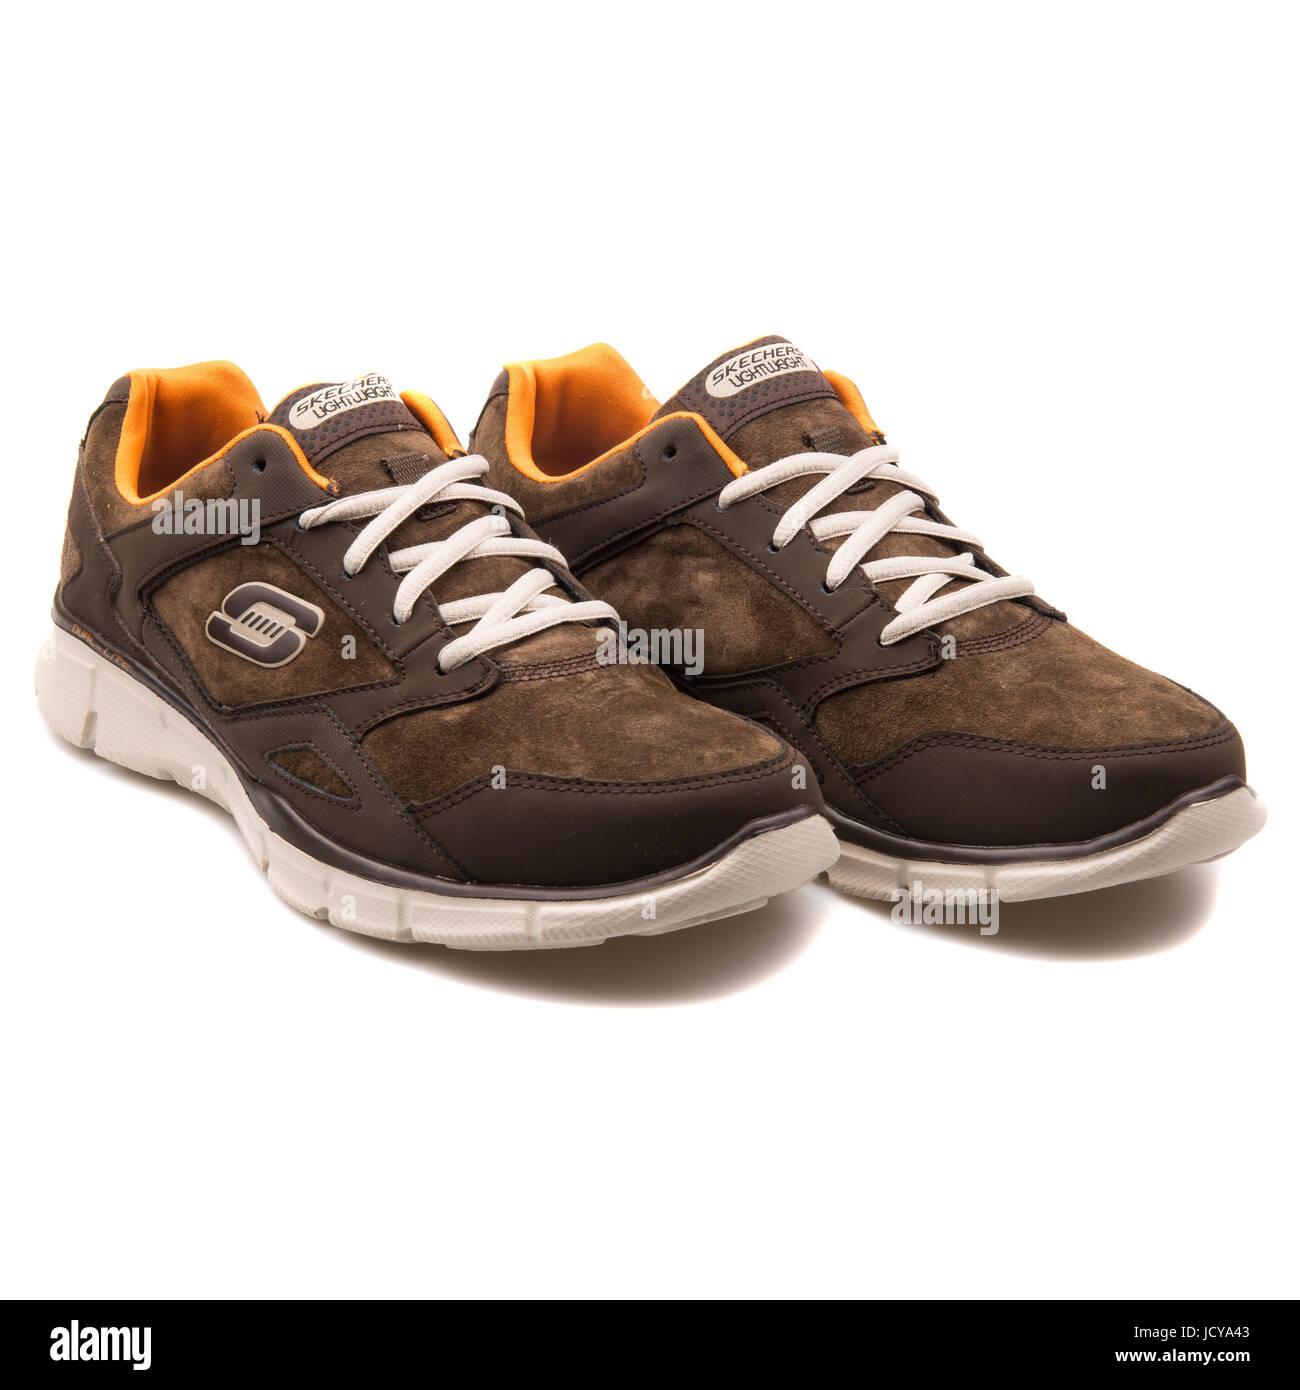 Skechers Equalizer Timepiece Herren Sneakers